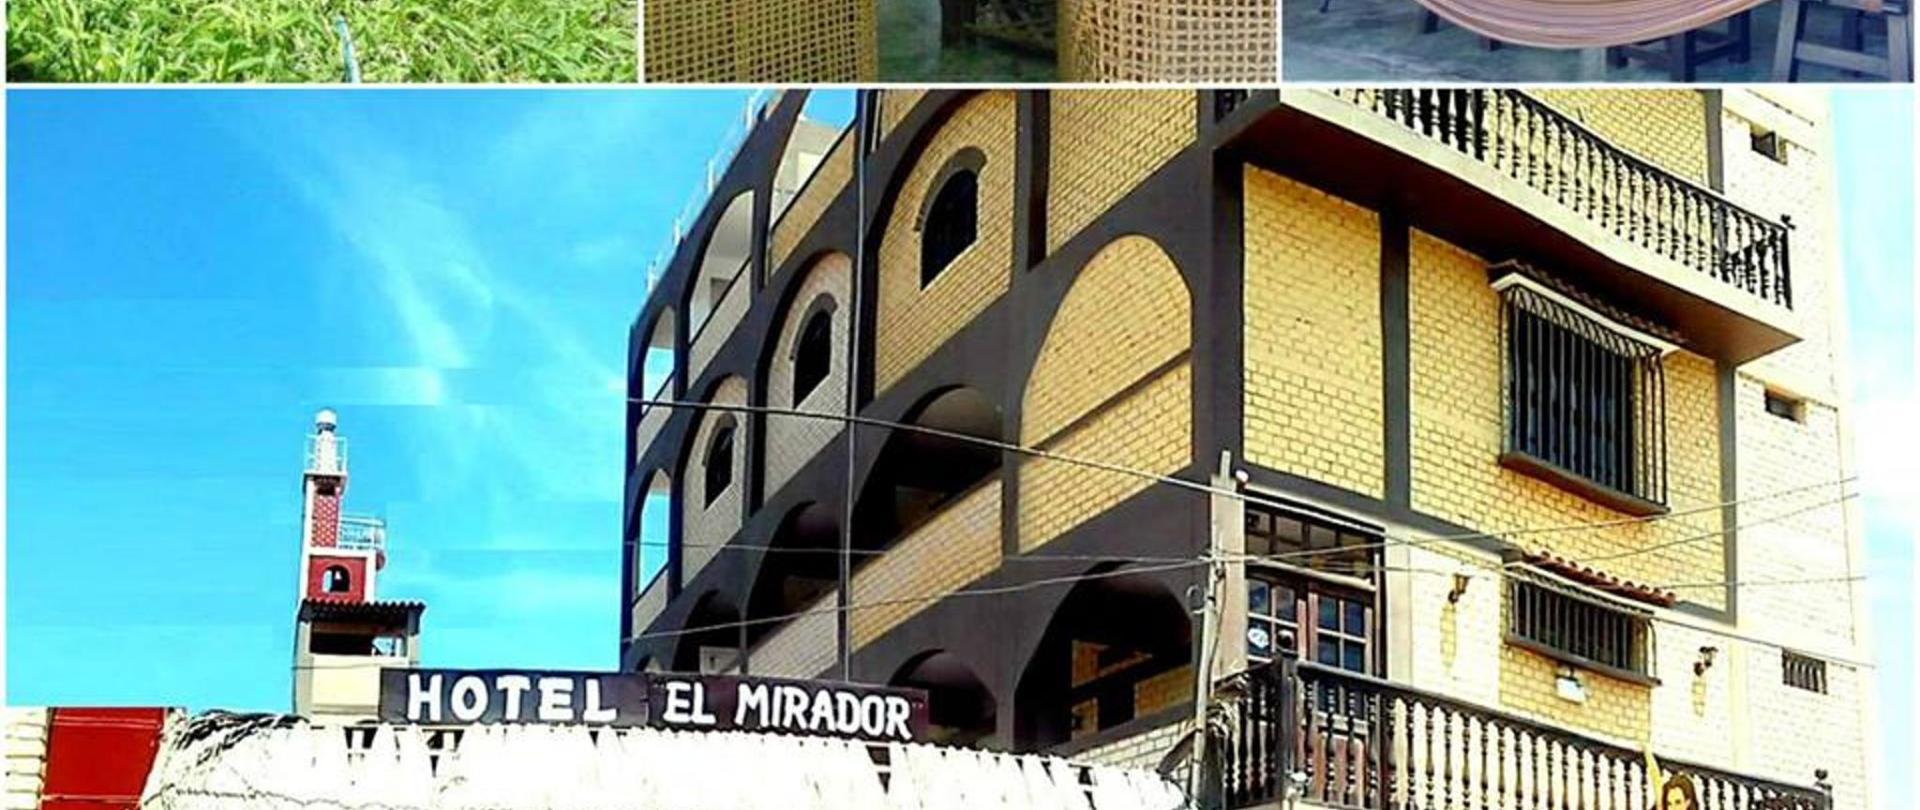 Hotel el mirador, Hotel el Mirador Pacasmayo, Hostal en pacasmayo, Posada en Pacasmayo, Hostales en Pacasmayo, Hospedaje en Pacasmayo, surf, kitesurf, windsurf, Masajes Relajantes Hotel el Mirador, Restaurant Pastimar 131.jpg